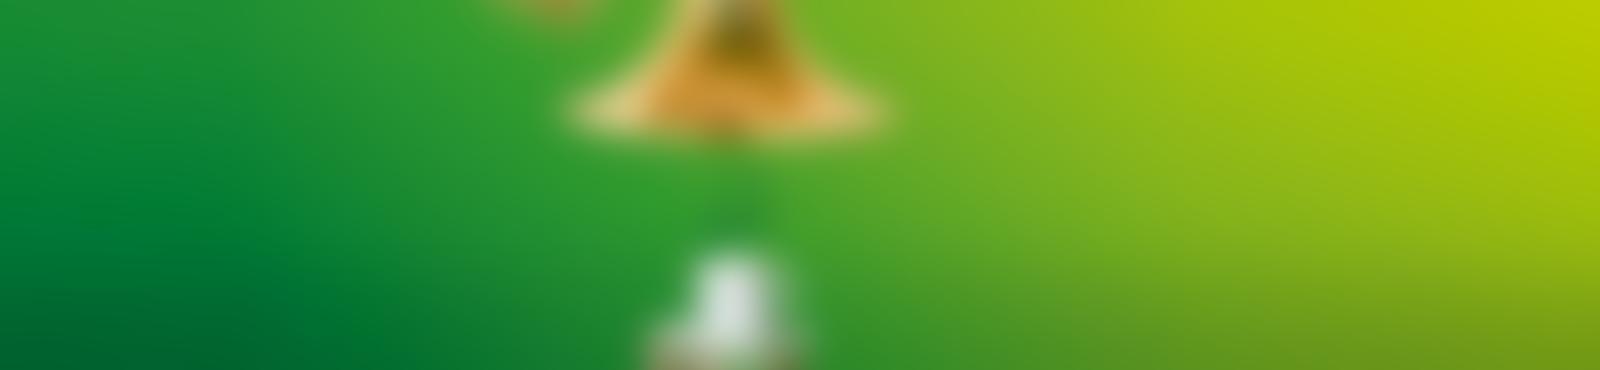 Blurred 157168ad 2ff9 4bf3 a21d 21b899b75ce0